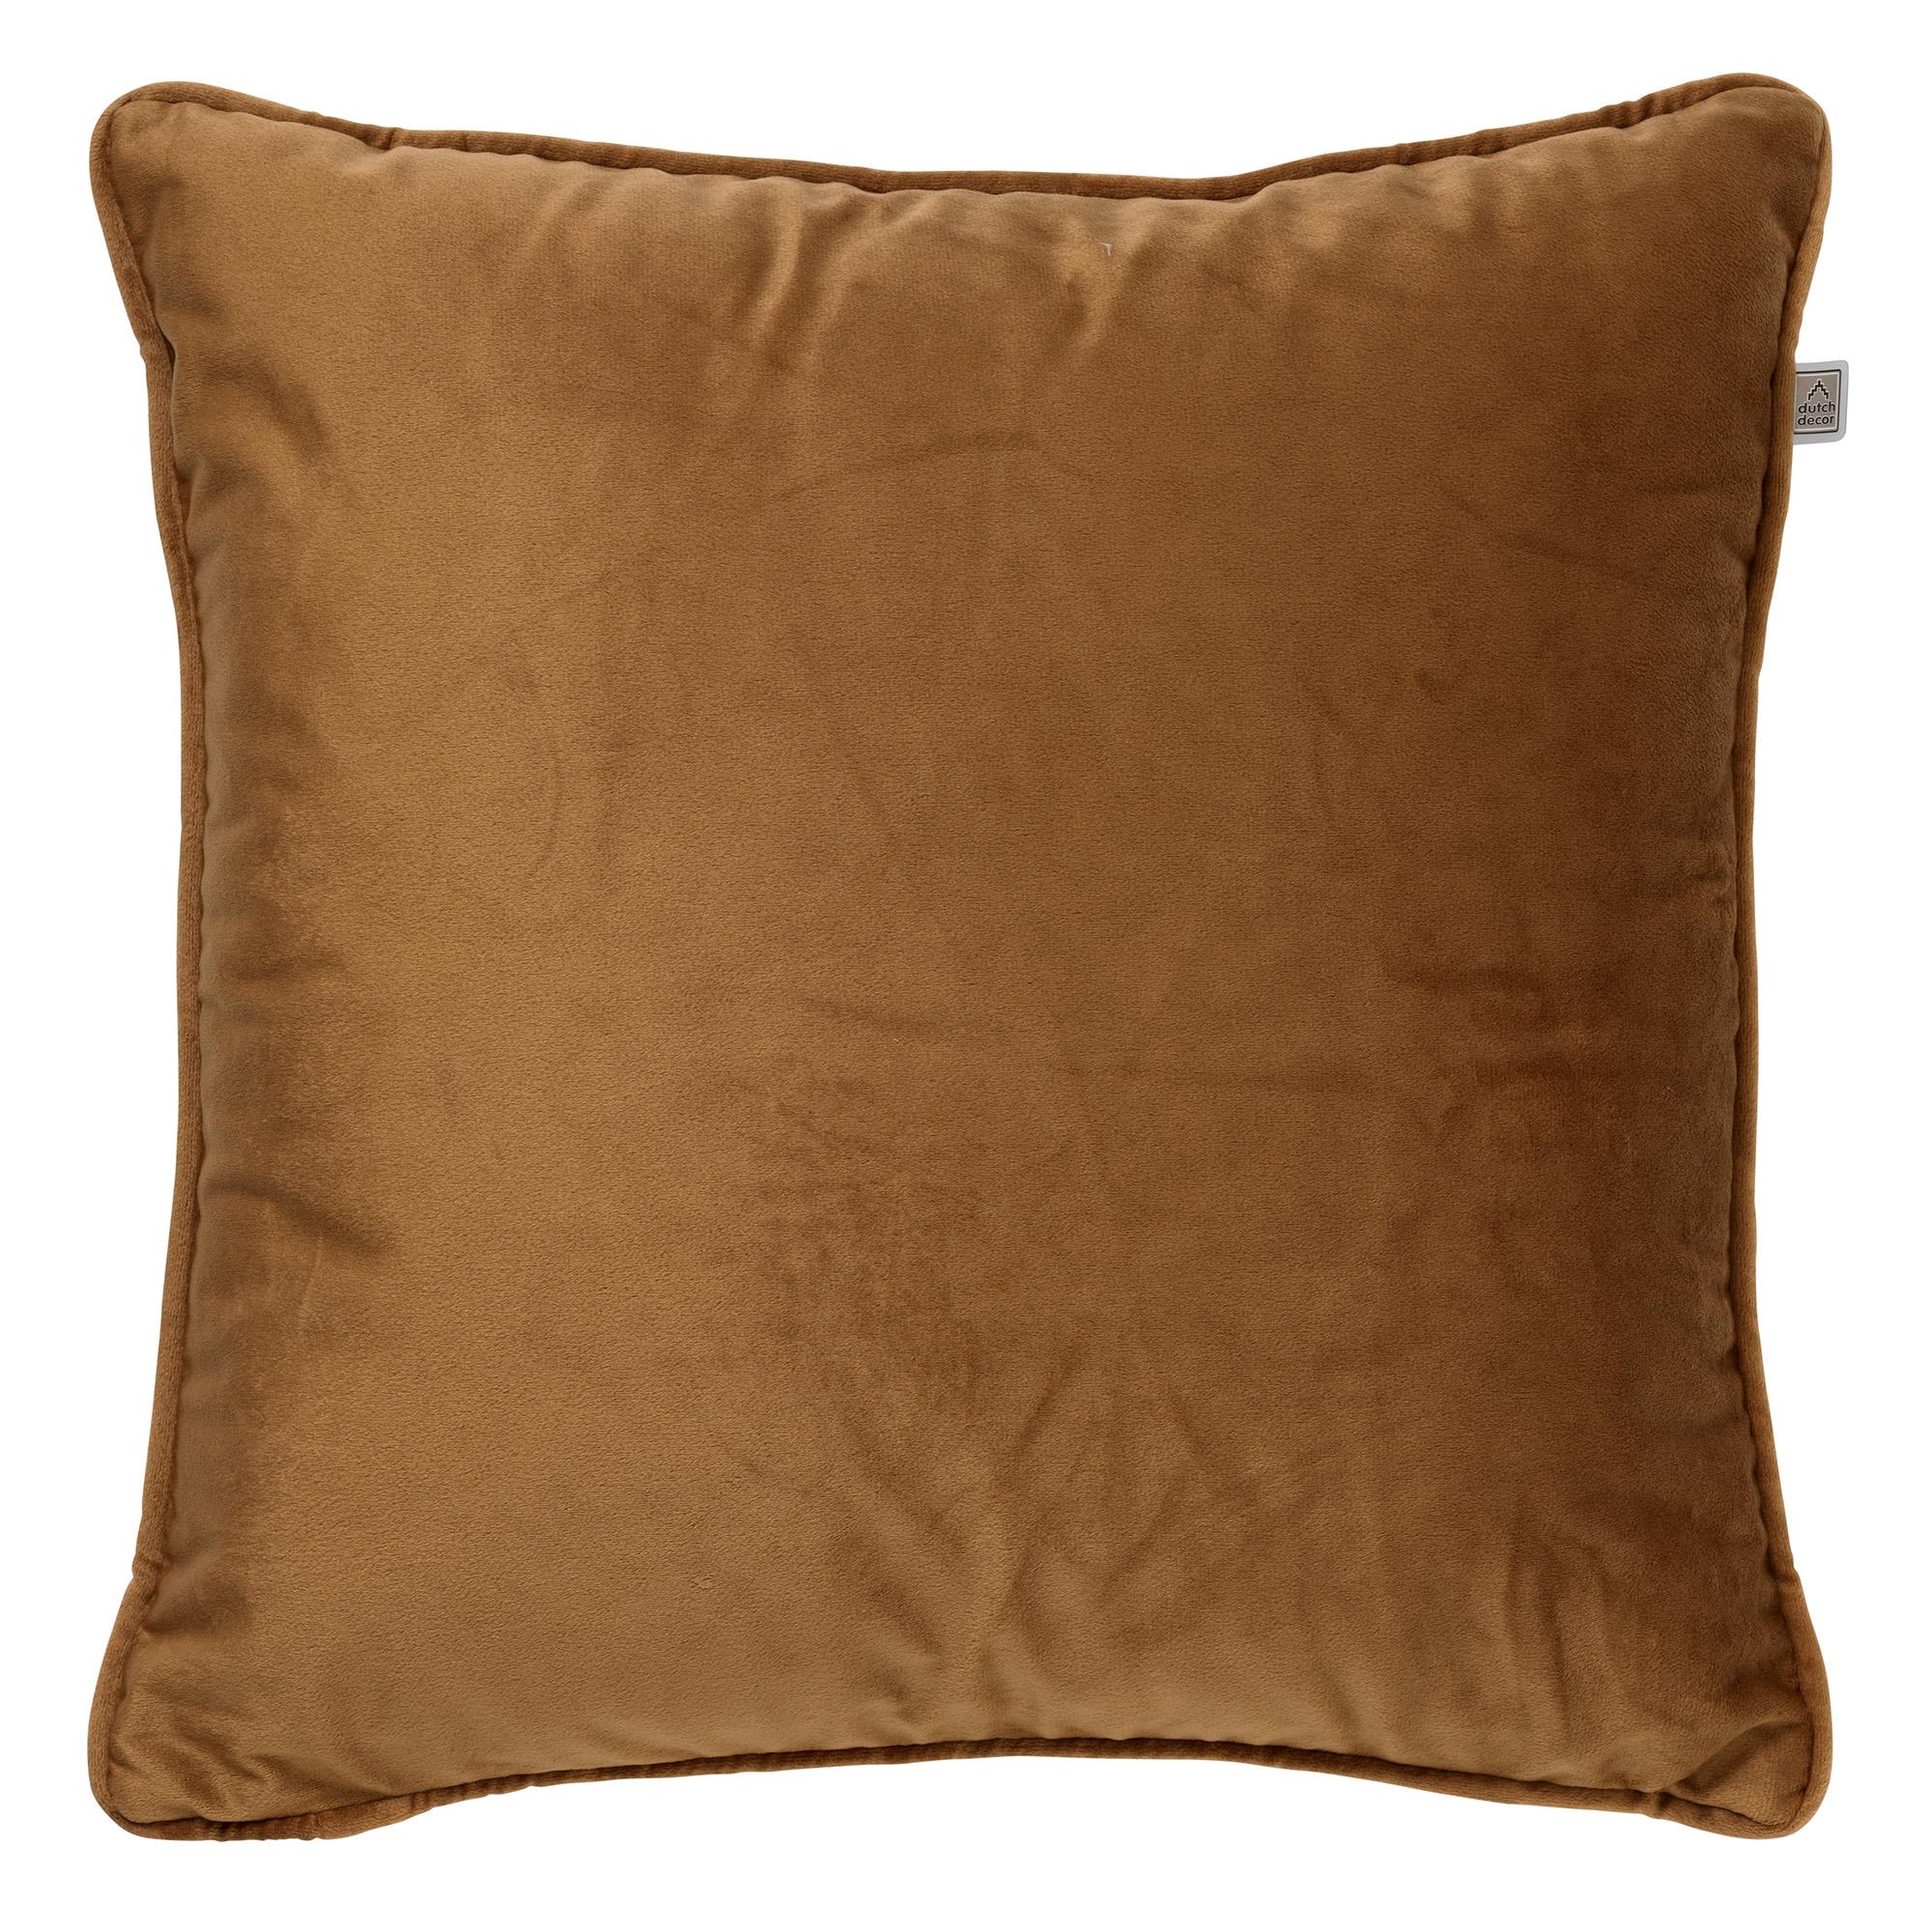 FINN - Sierkussen velvet Tobacco Brown 60x60 cm